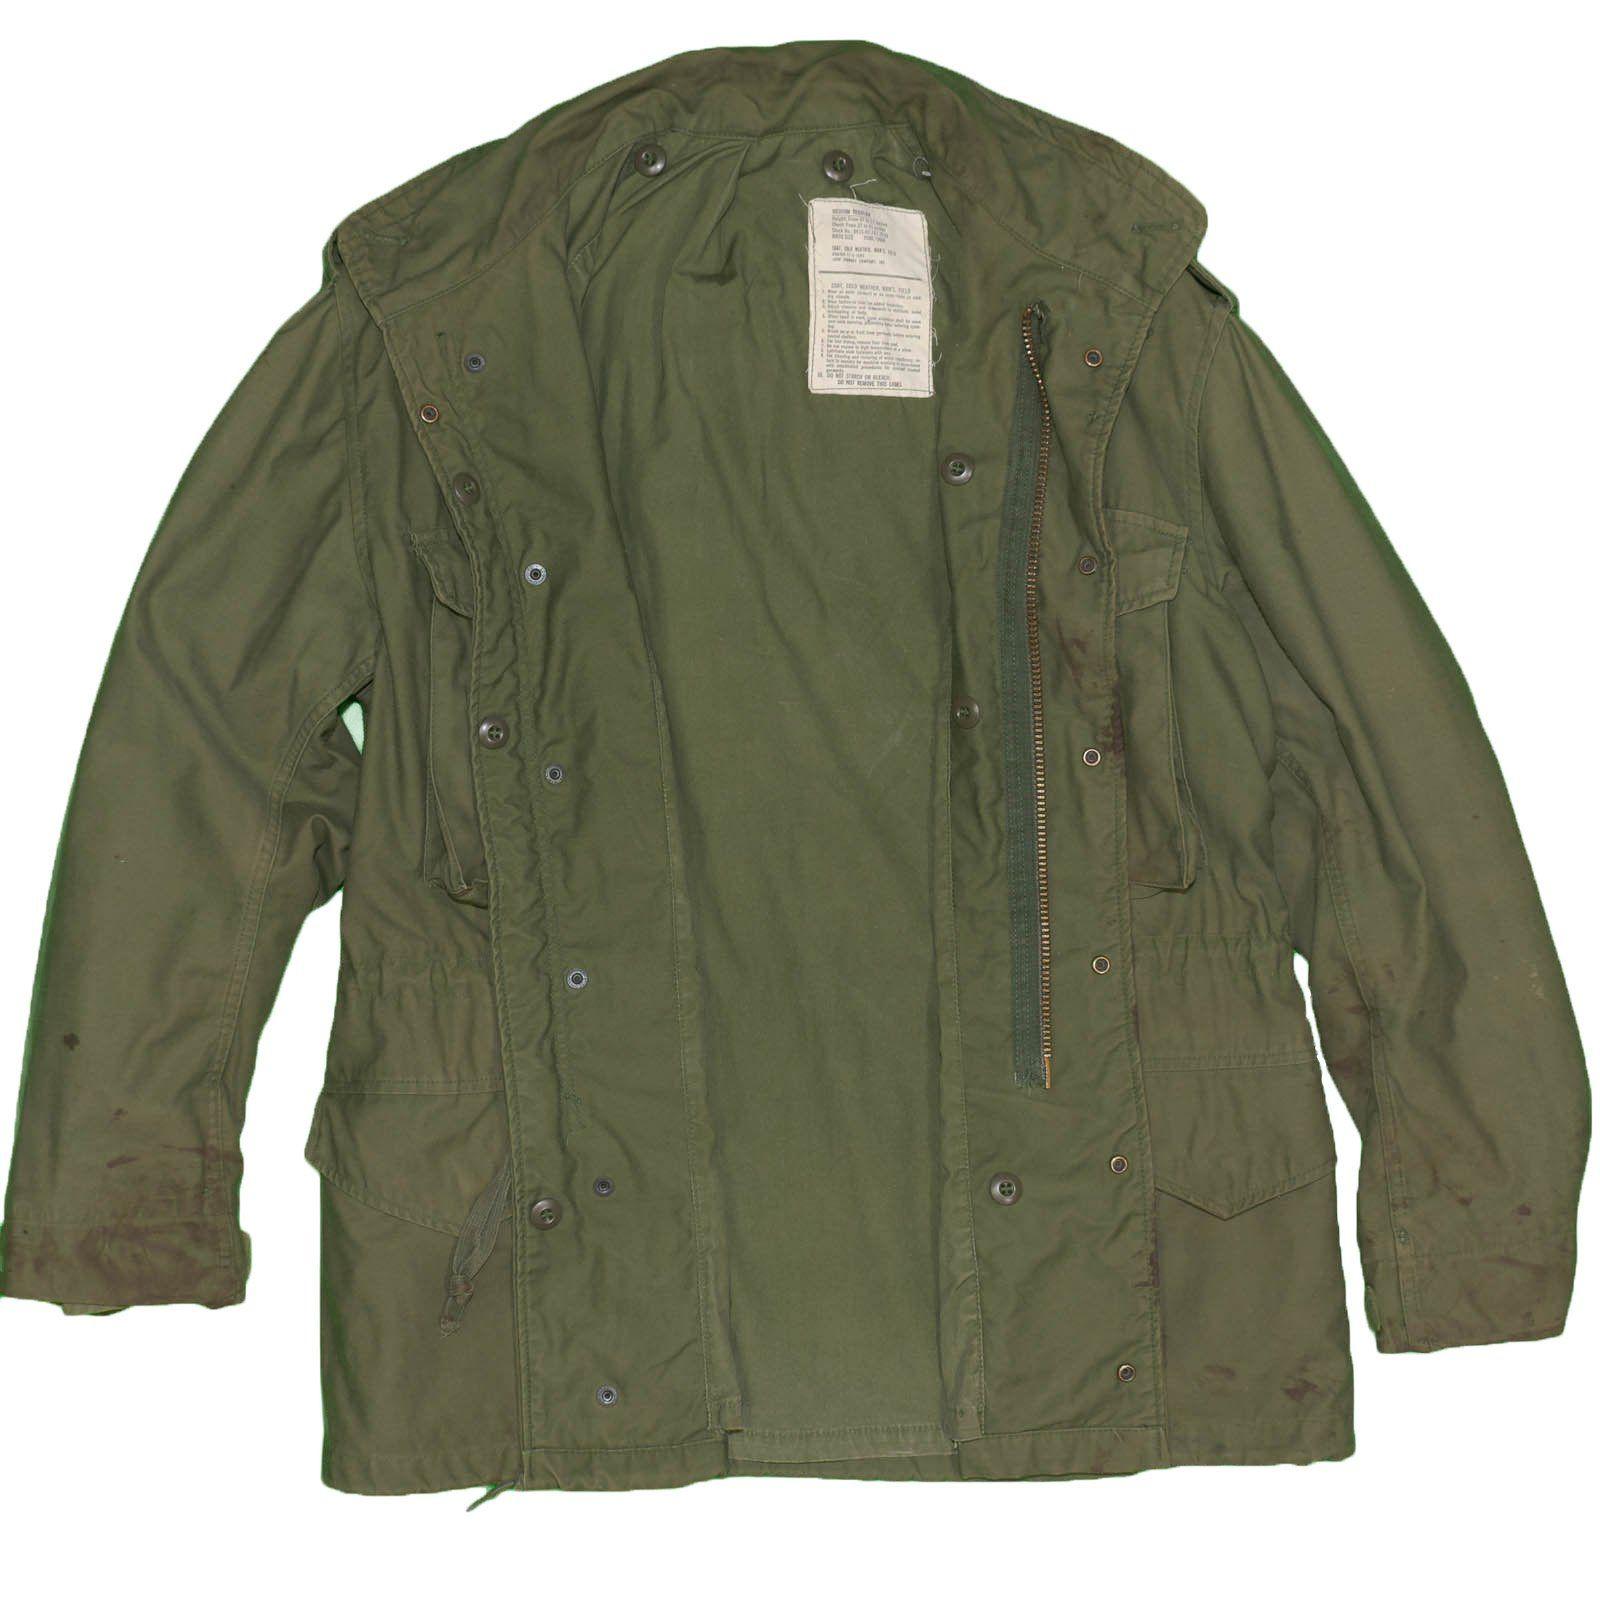 1977 US Military Field Jacket M-65 Vintage Medium OG-107 Distressed Wo –  itisvintage  fieldjacket  m65  workwear  itisvintage  militaria  military 765a33a9c